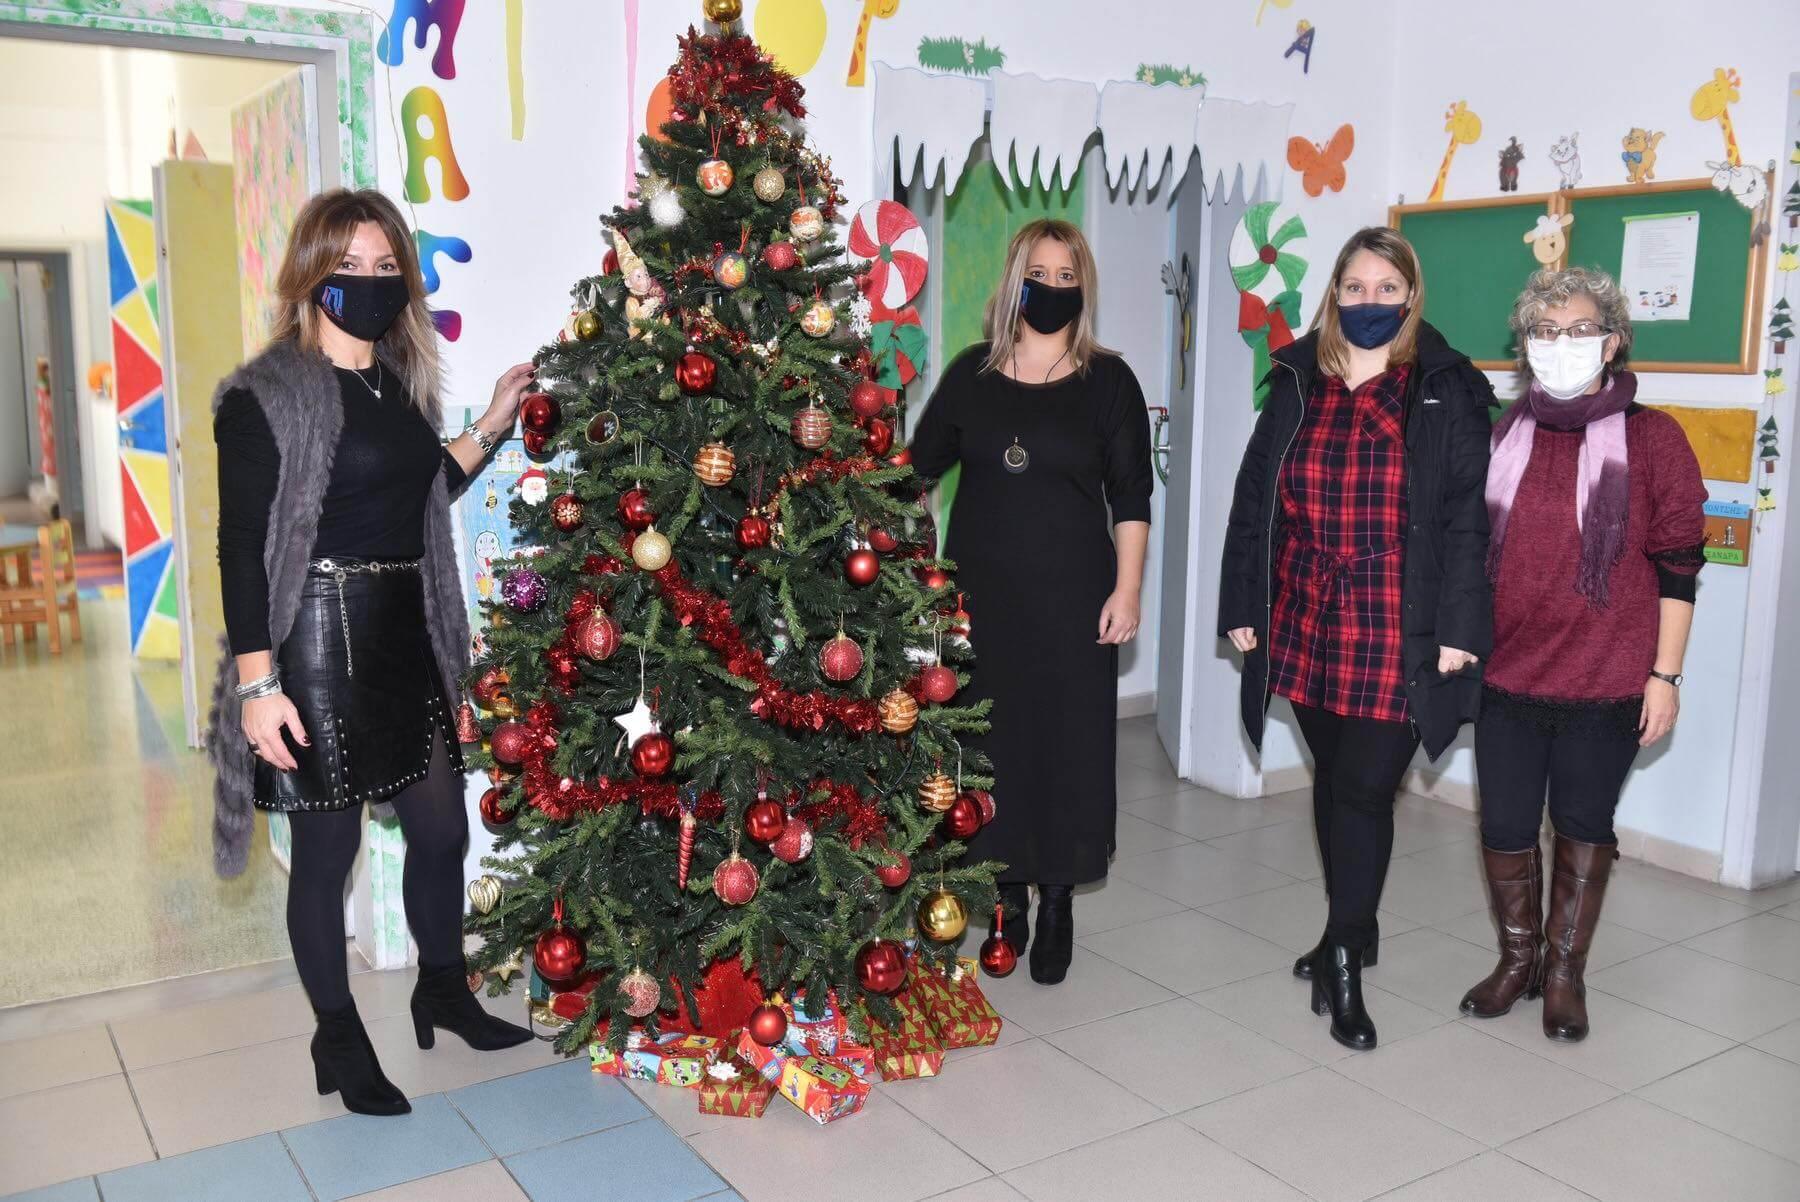 Ο Δήμος Πειραιά προσφέρει δωροεπιταγές για τα  παιδιά των Βρεφονηπιακών Σταθμών